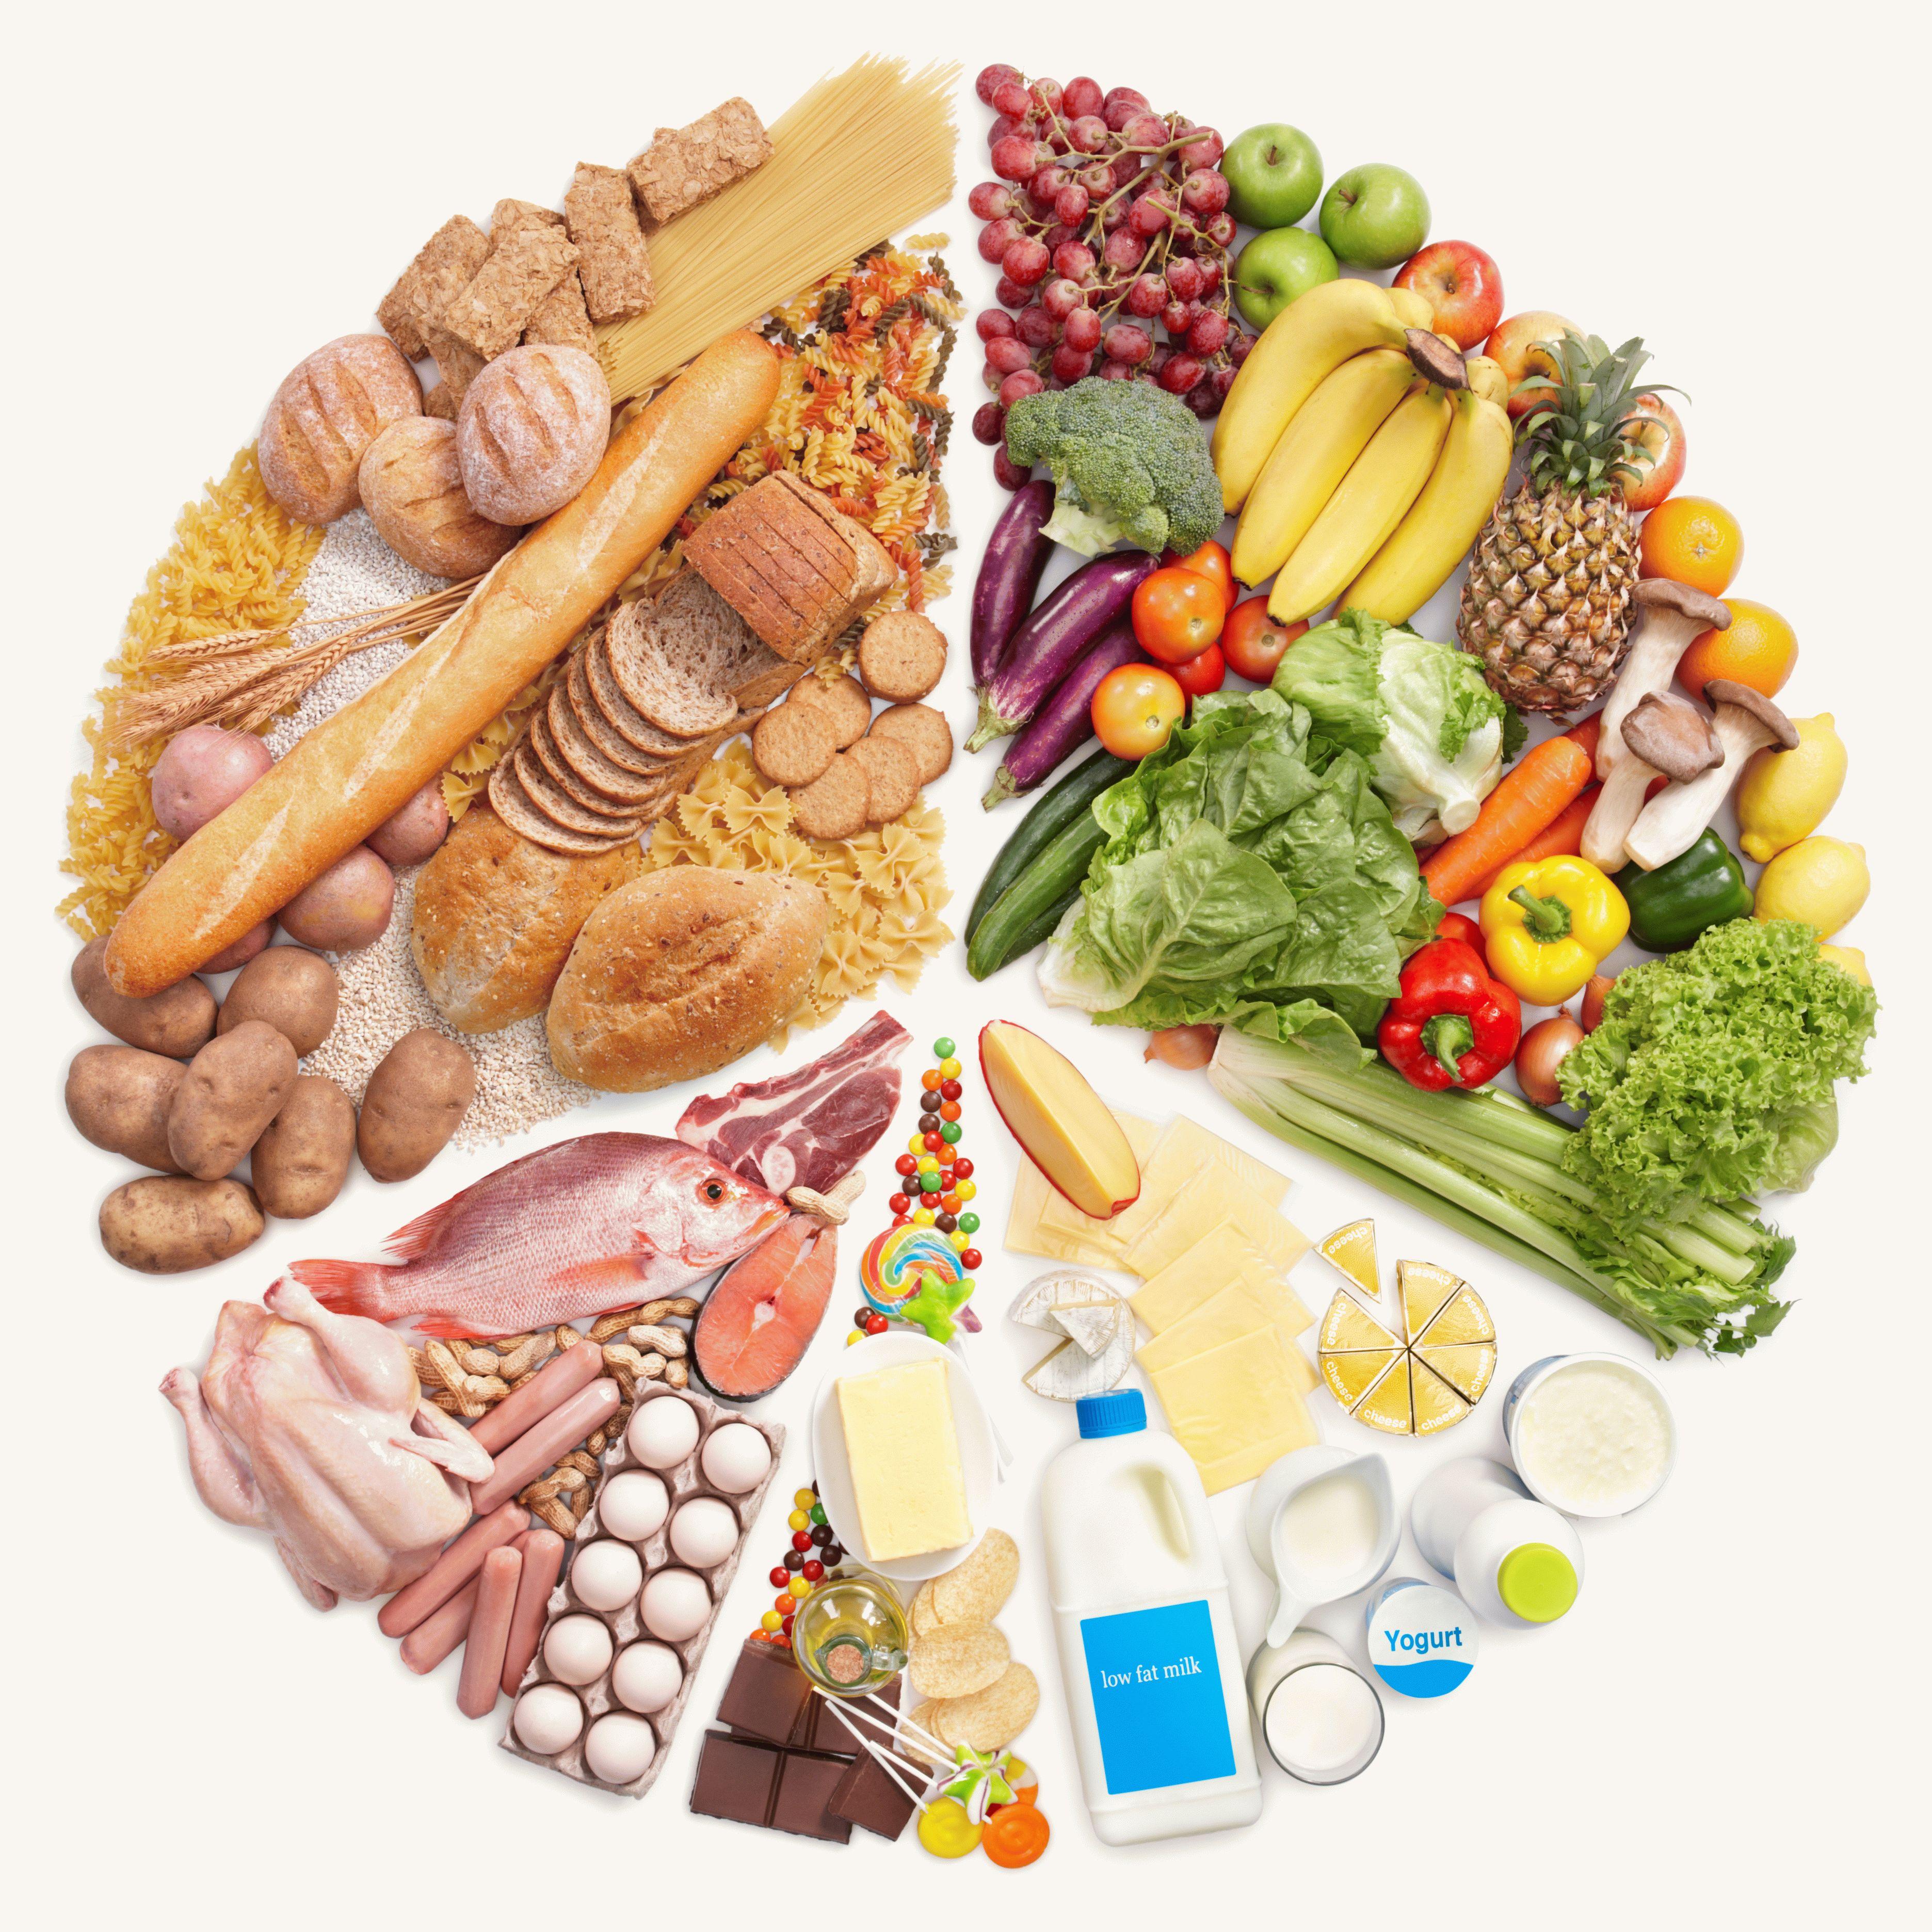 Здоровое Питание Сбалансированная Диета. Здоровое питание + меню для похудения